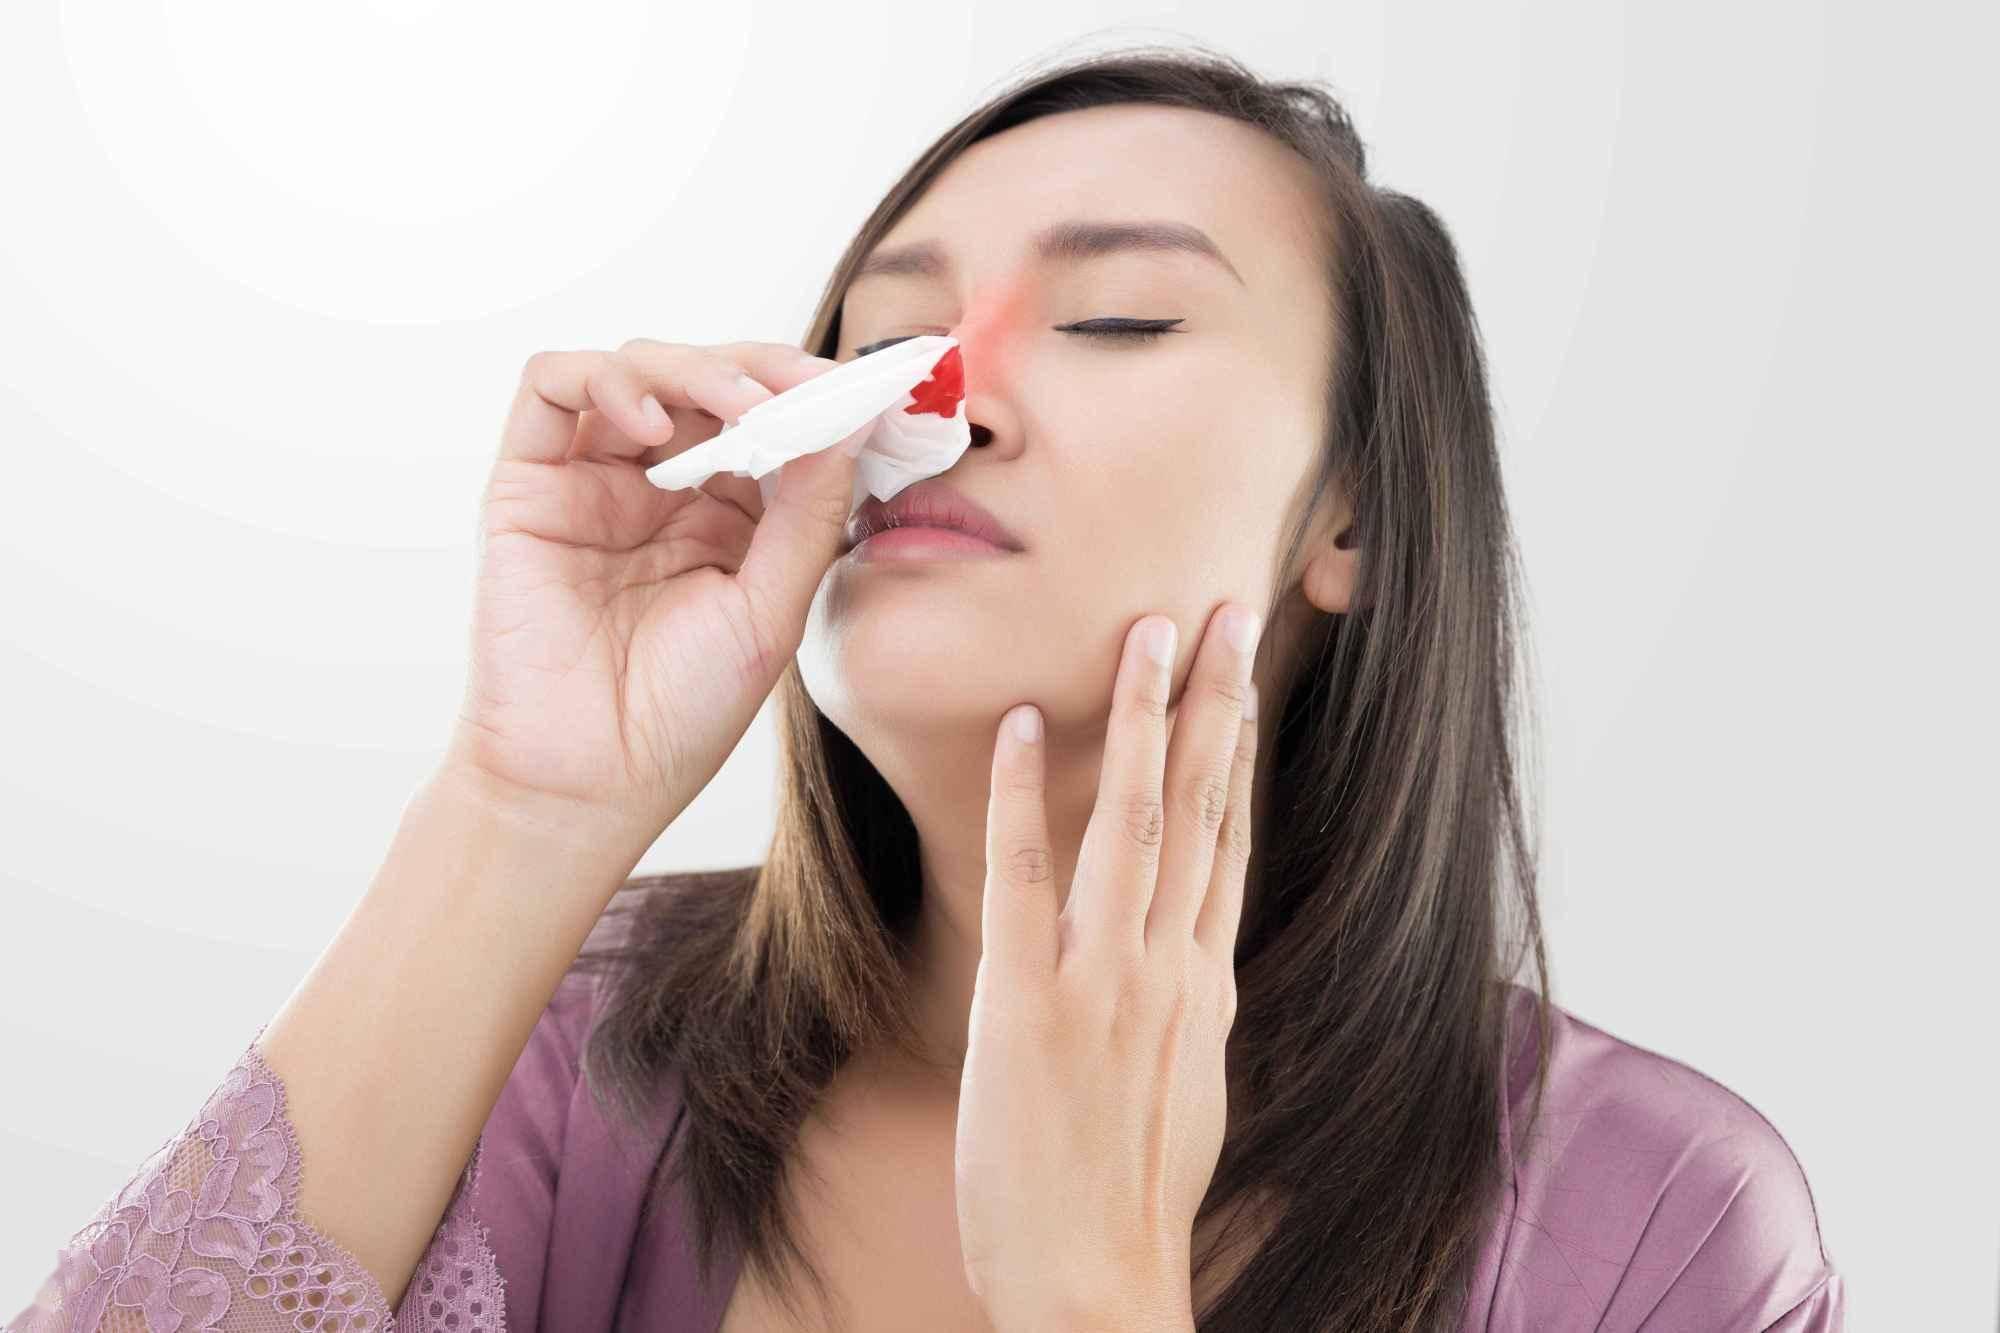 鼻,为胃之窍!少年鼻子爱出血,用清胃火的方子治好,请你体会  一种草药可以治流鼻血